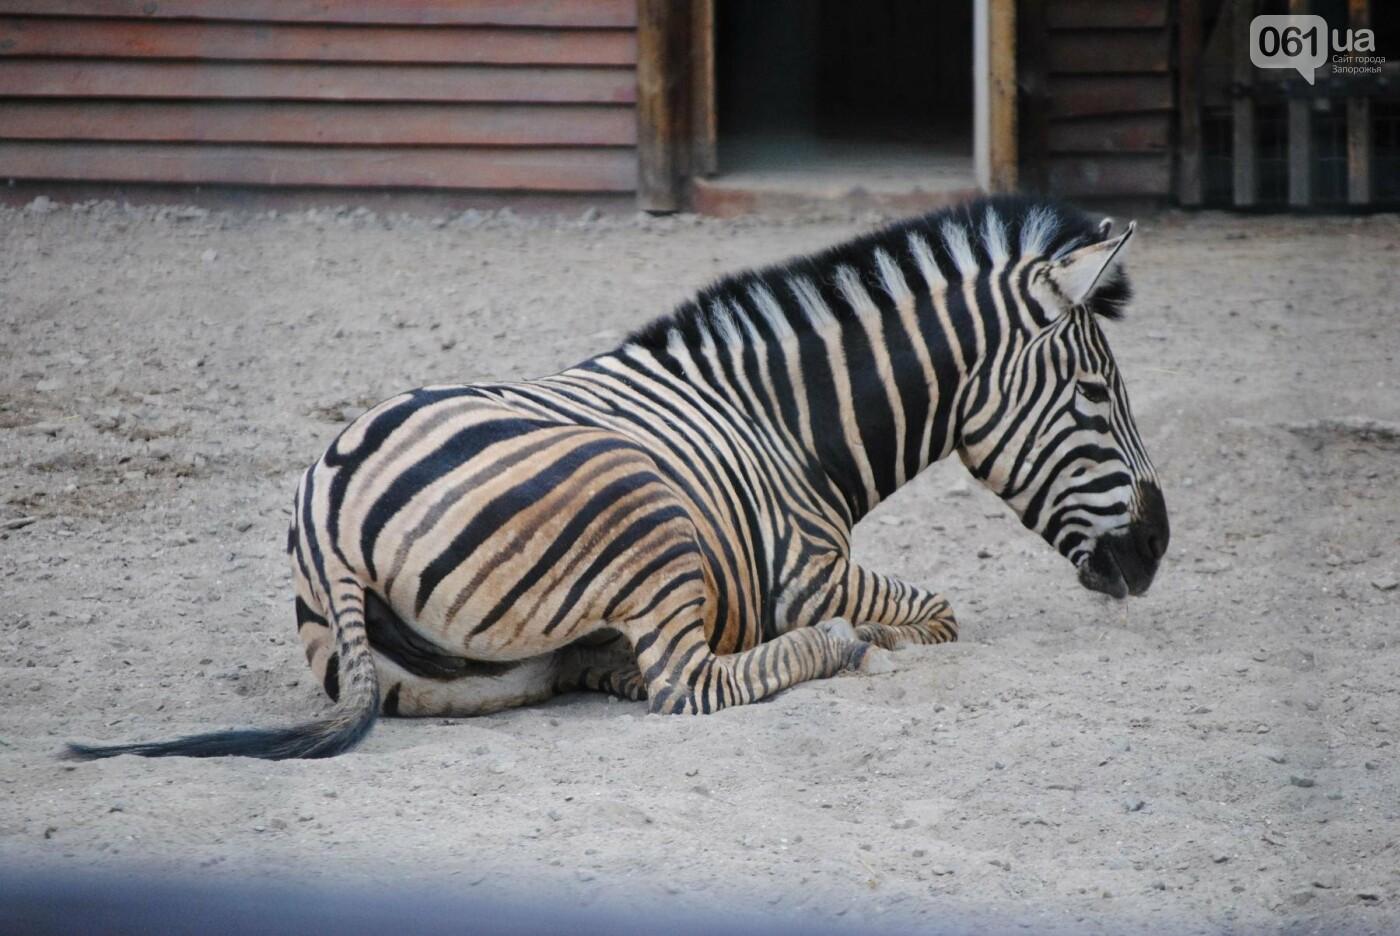 В бердянском зоопарке появились кенгуру: они любят хлеб и скоро станут ручными, - ФОТОРЕПОРТАЖ, фото-31